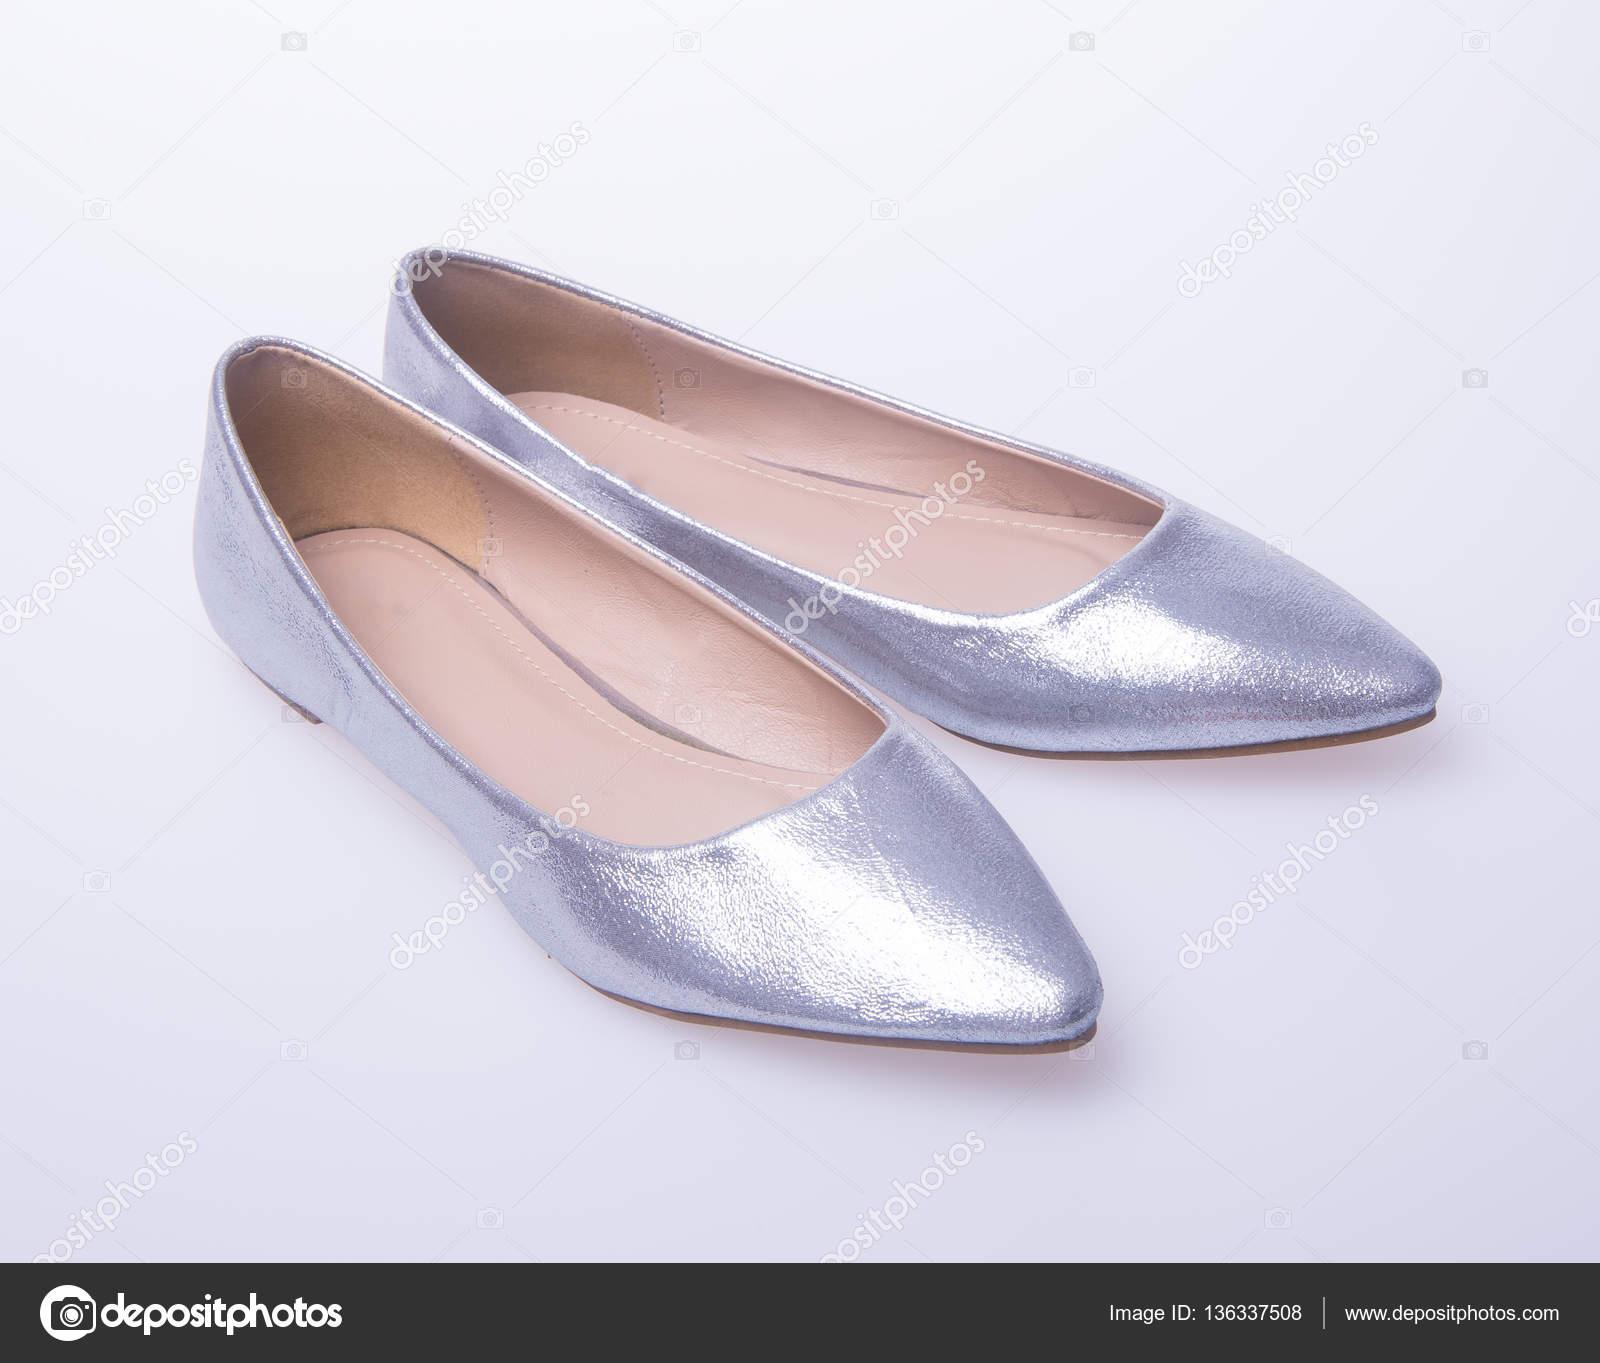 5d3de447f0b7f7 Schuh. Farbe Silber Mode Frau Schuhe auf einem Hintergrund — Stockfoto